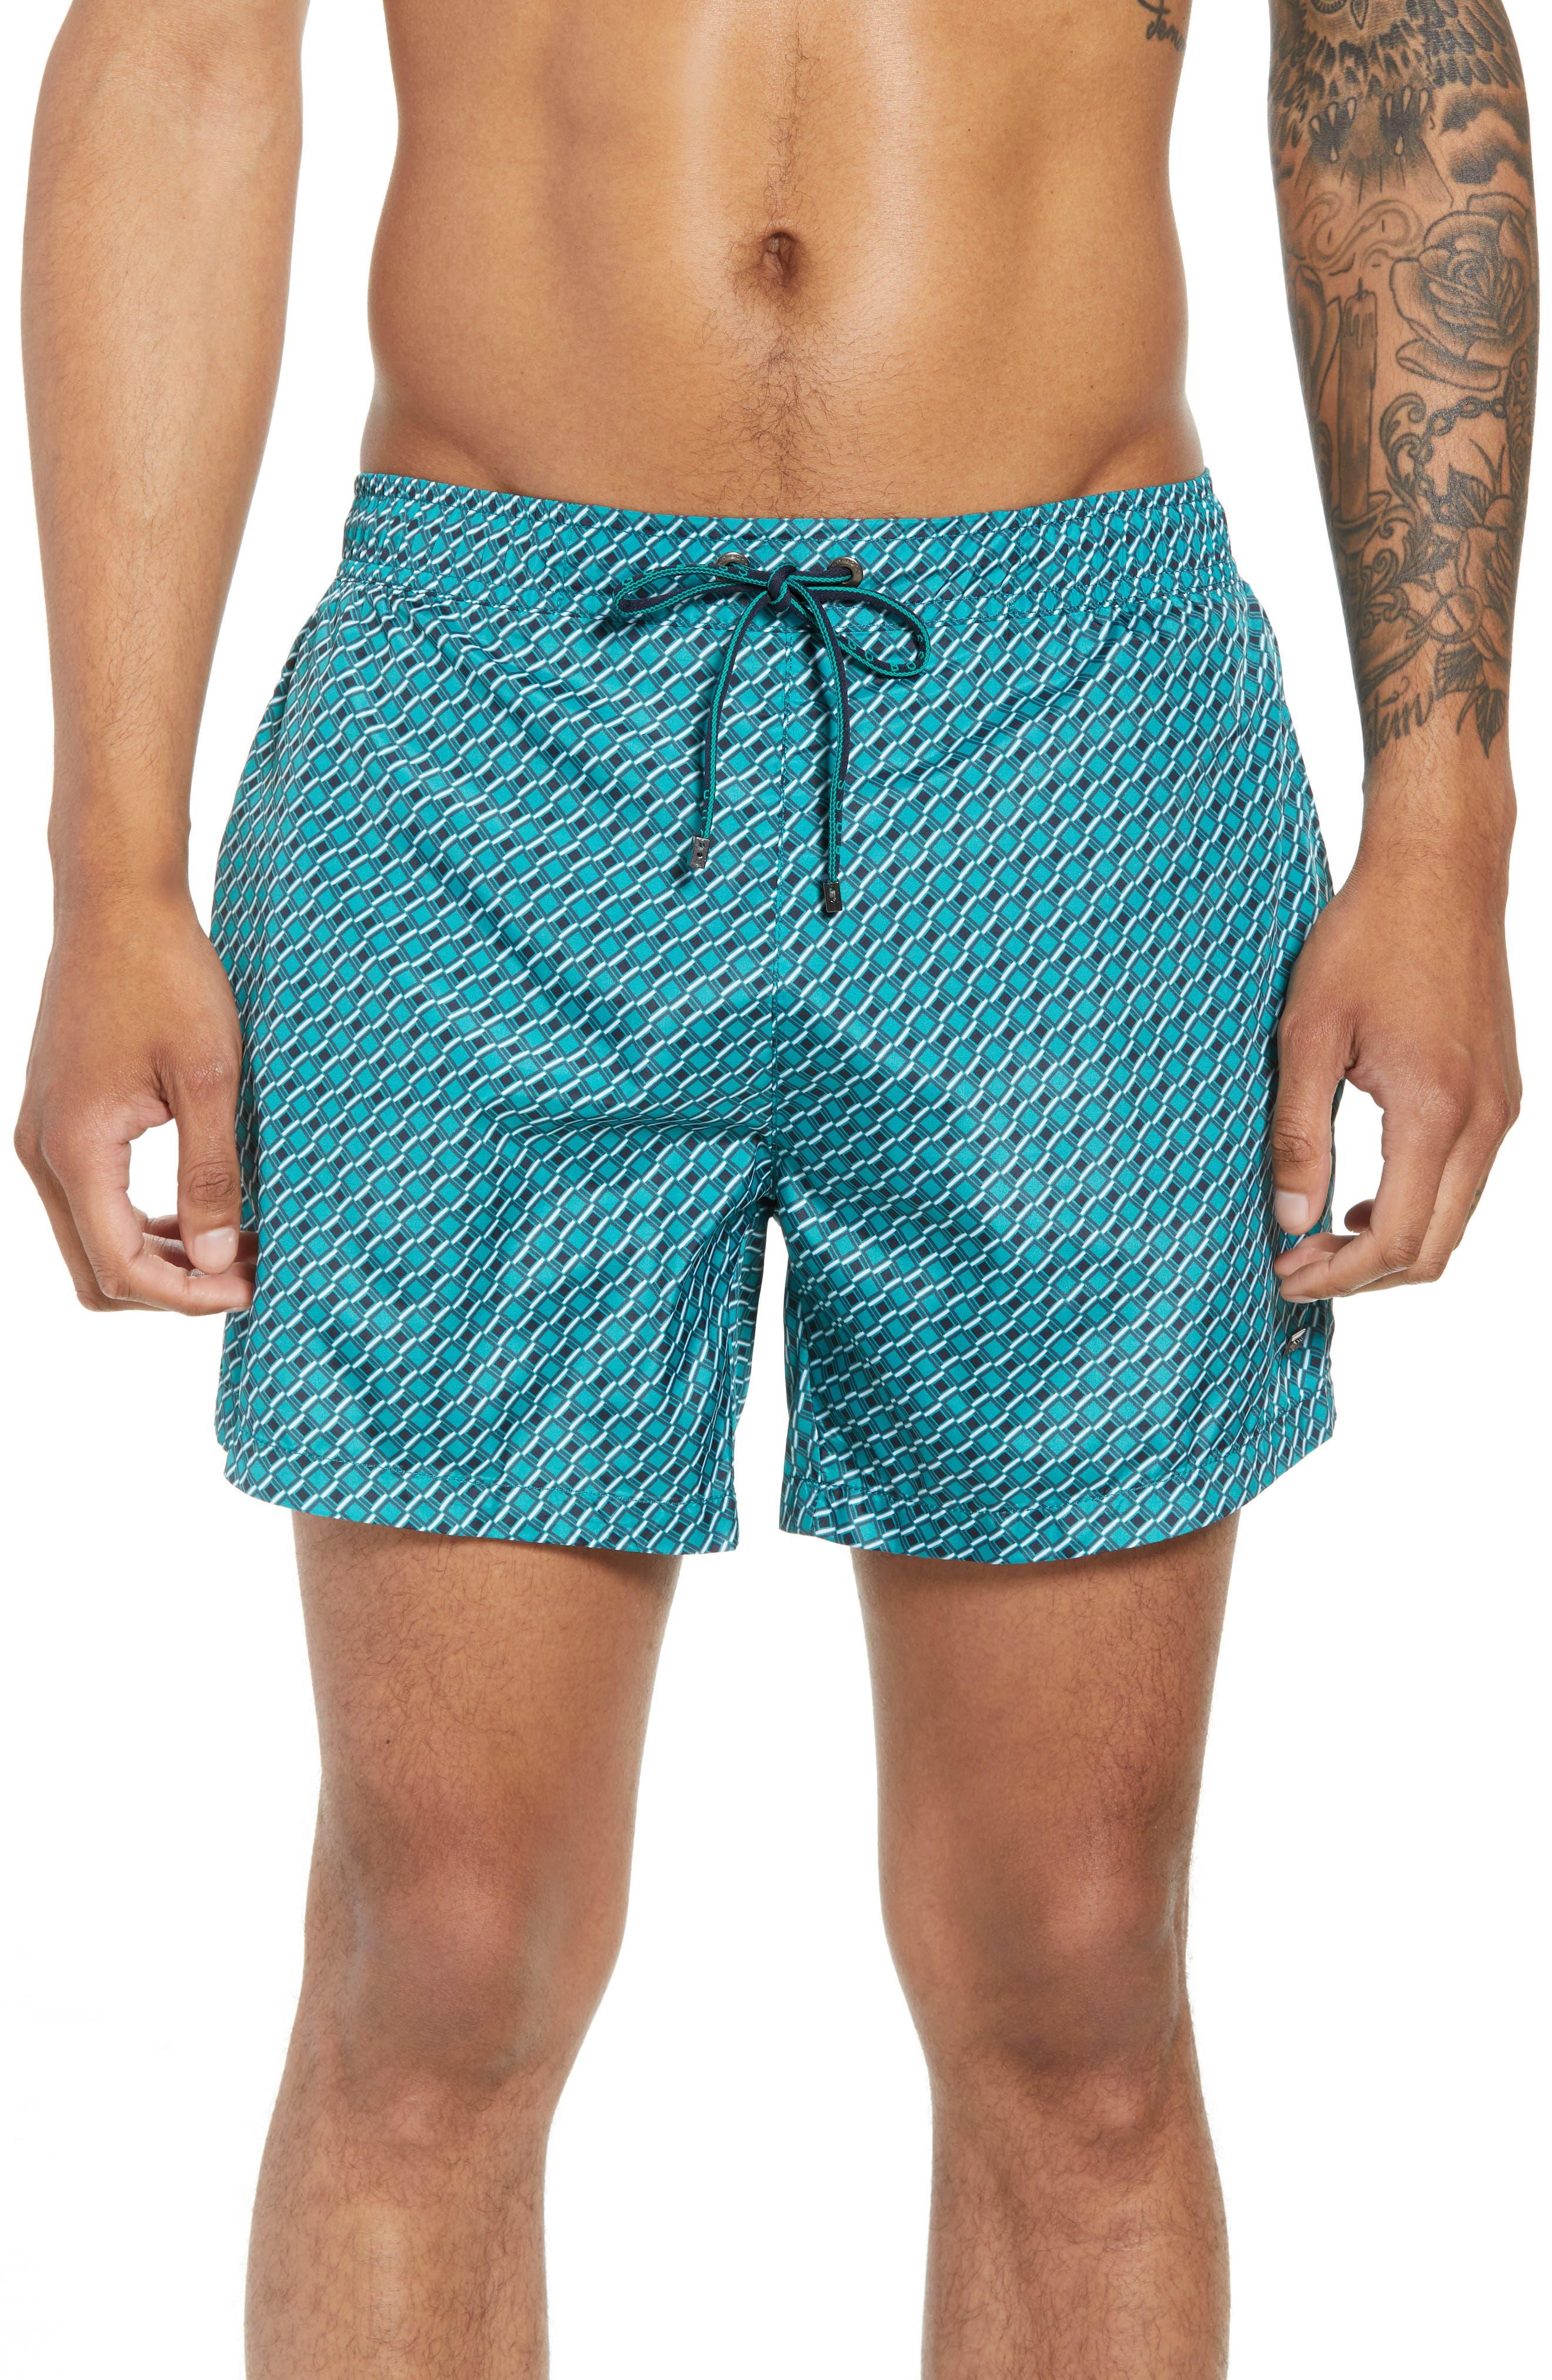 BOSS Promfret Swim Trunks, Main, color, 312